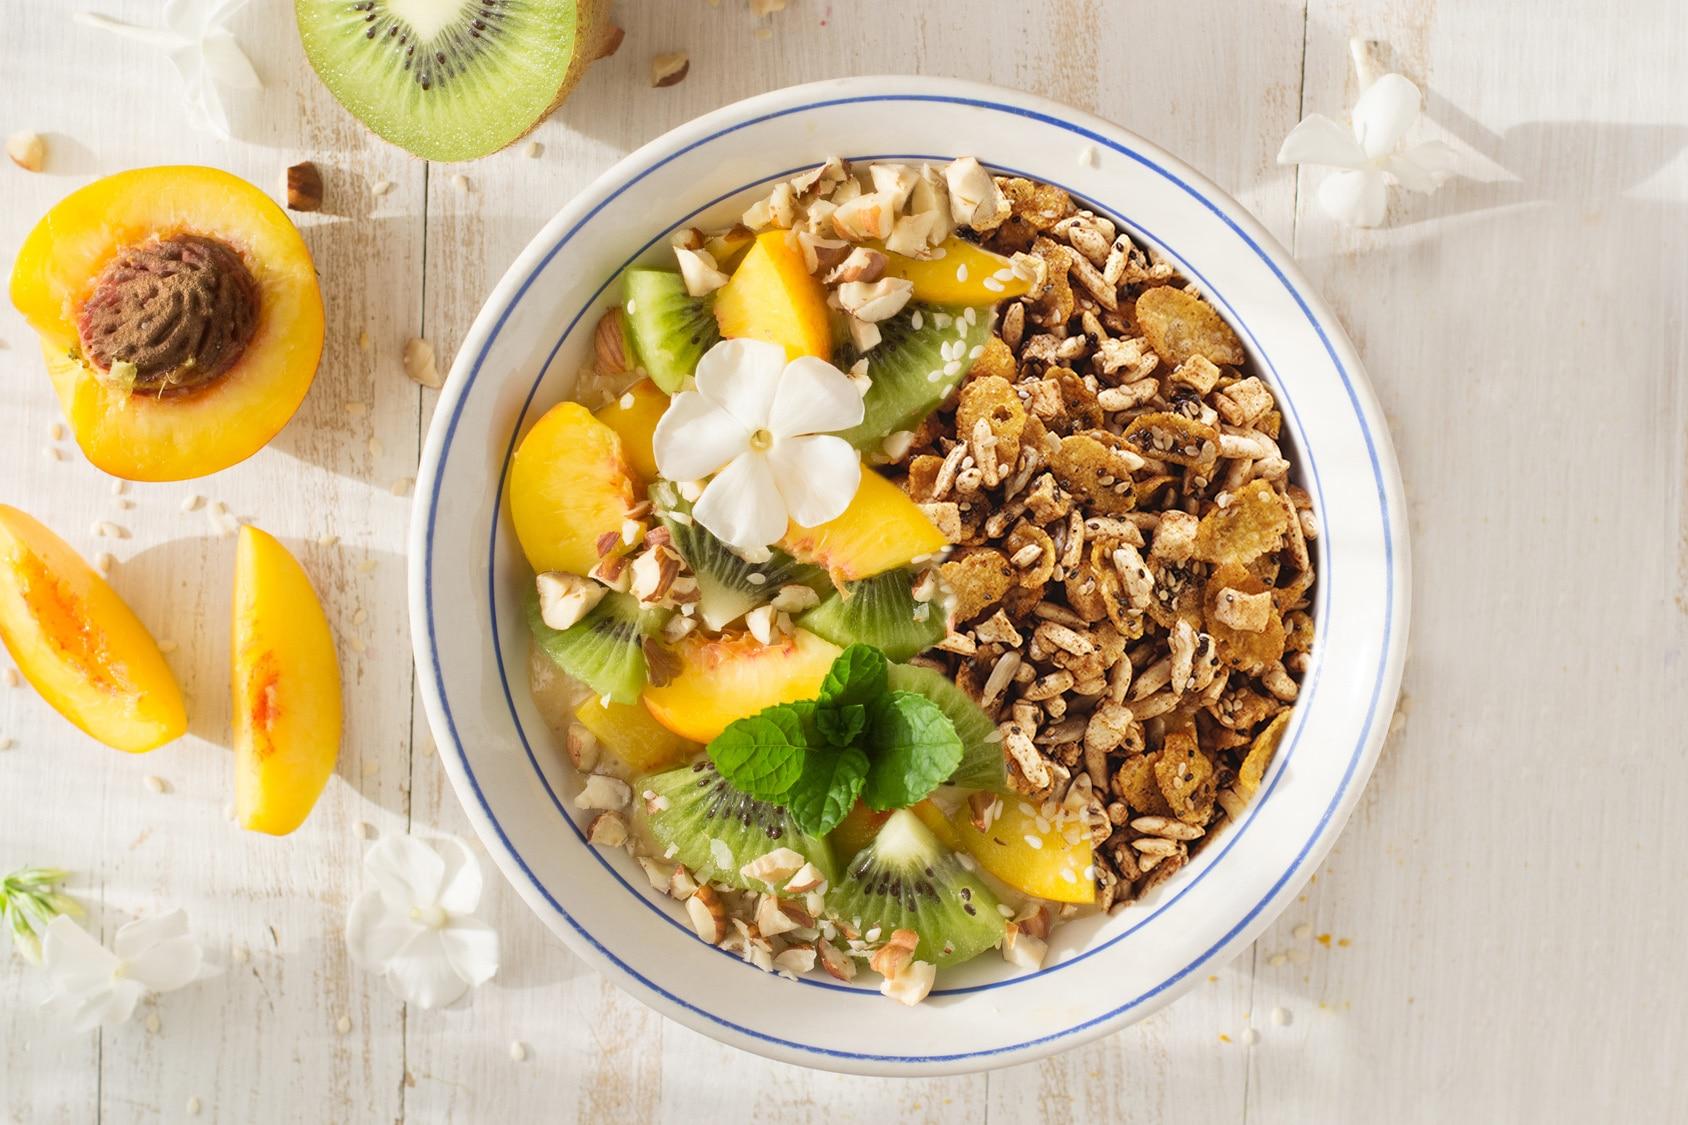 Copa de granola, kiwi y durazno